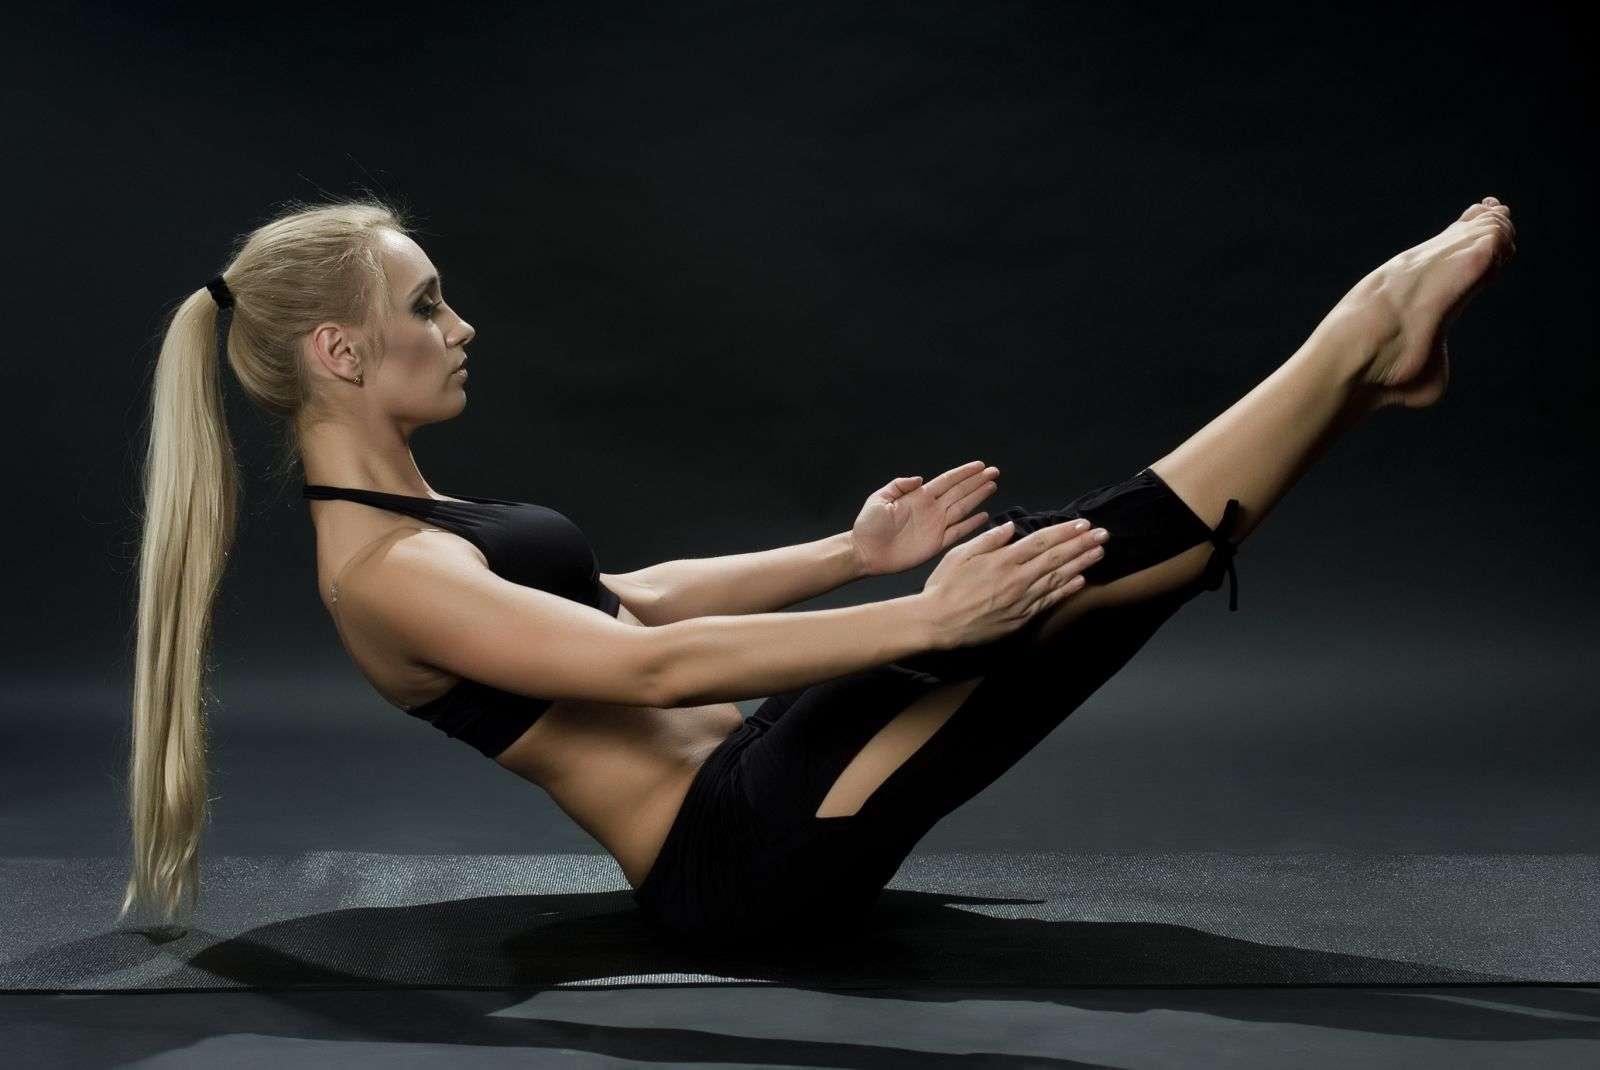 5 Jenis Olahraga Yang Bisa Membuat Umur Semakin Panjang 4